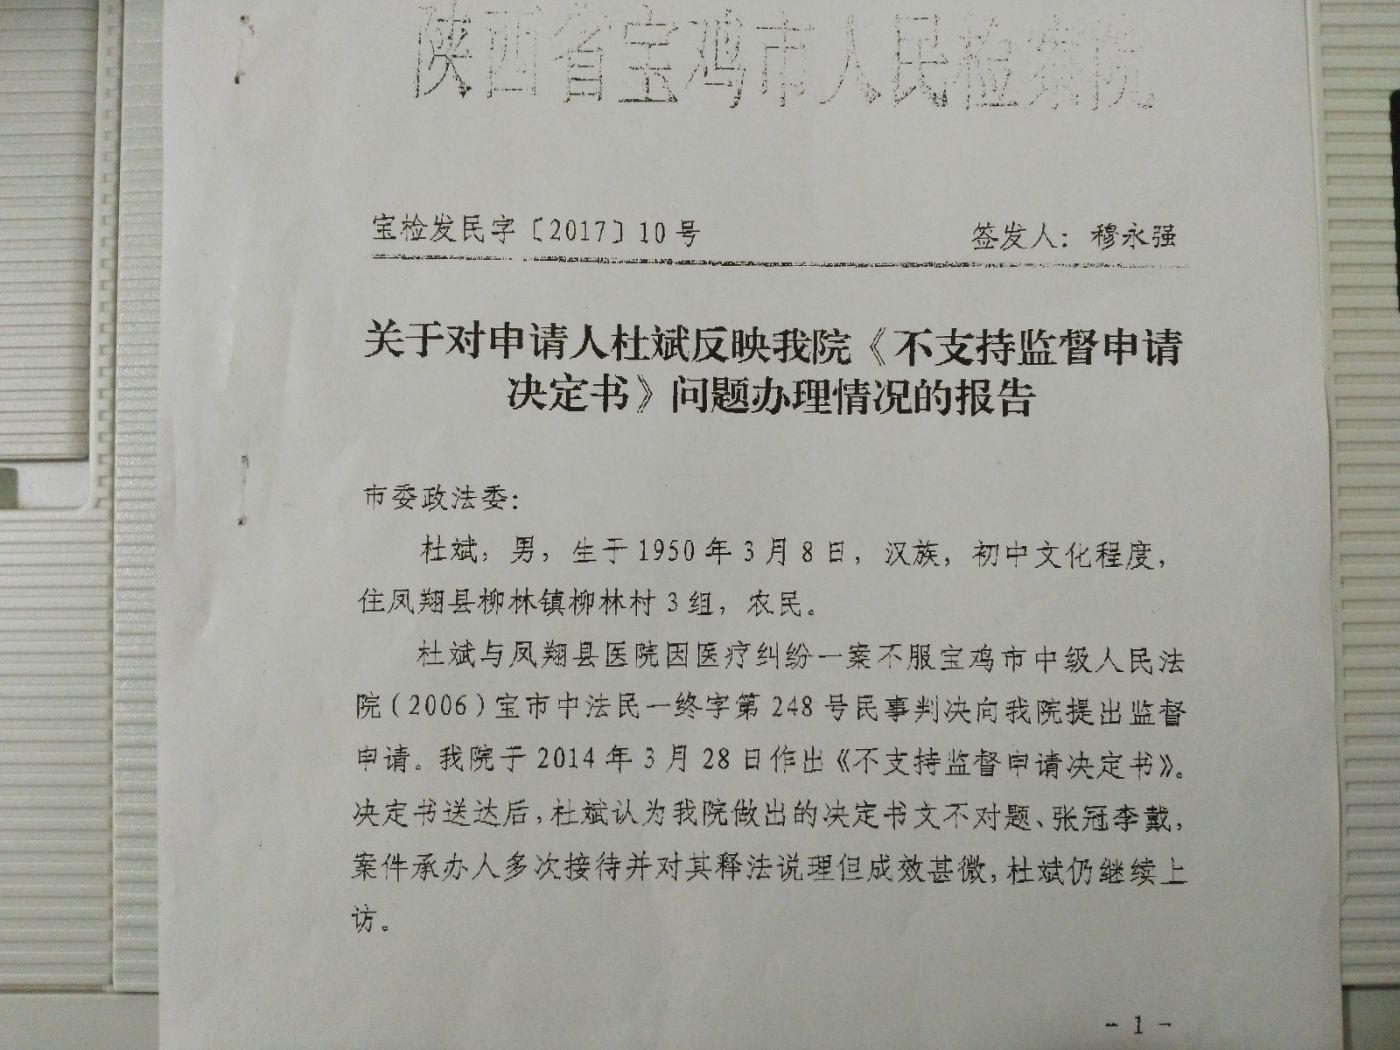 """七旬老人被治残在陕西宝鸡市检察院两案维权苦熬21年,走入微博仍没个说""""法"""" ..._图1-8"""